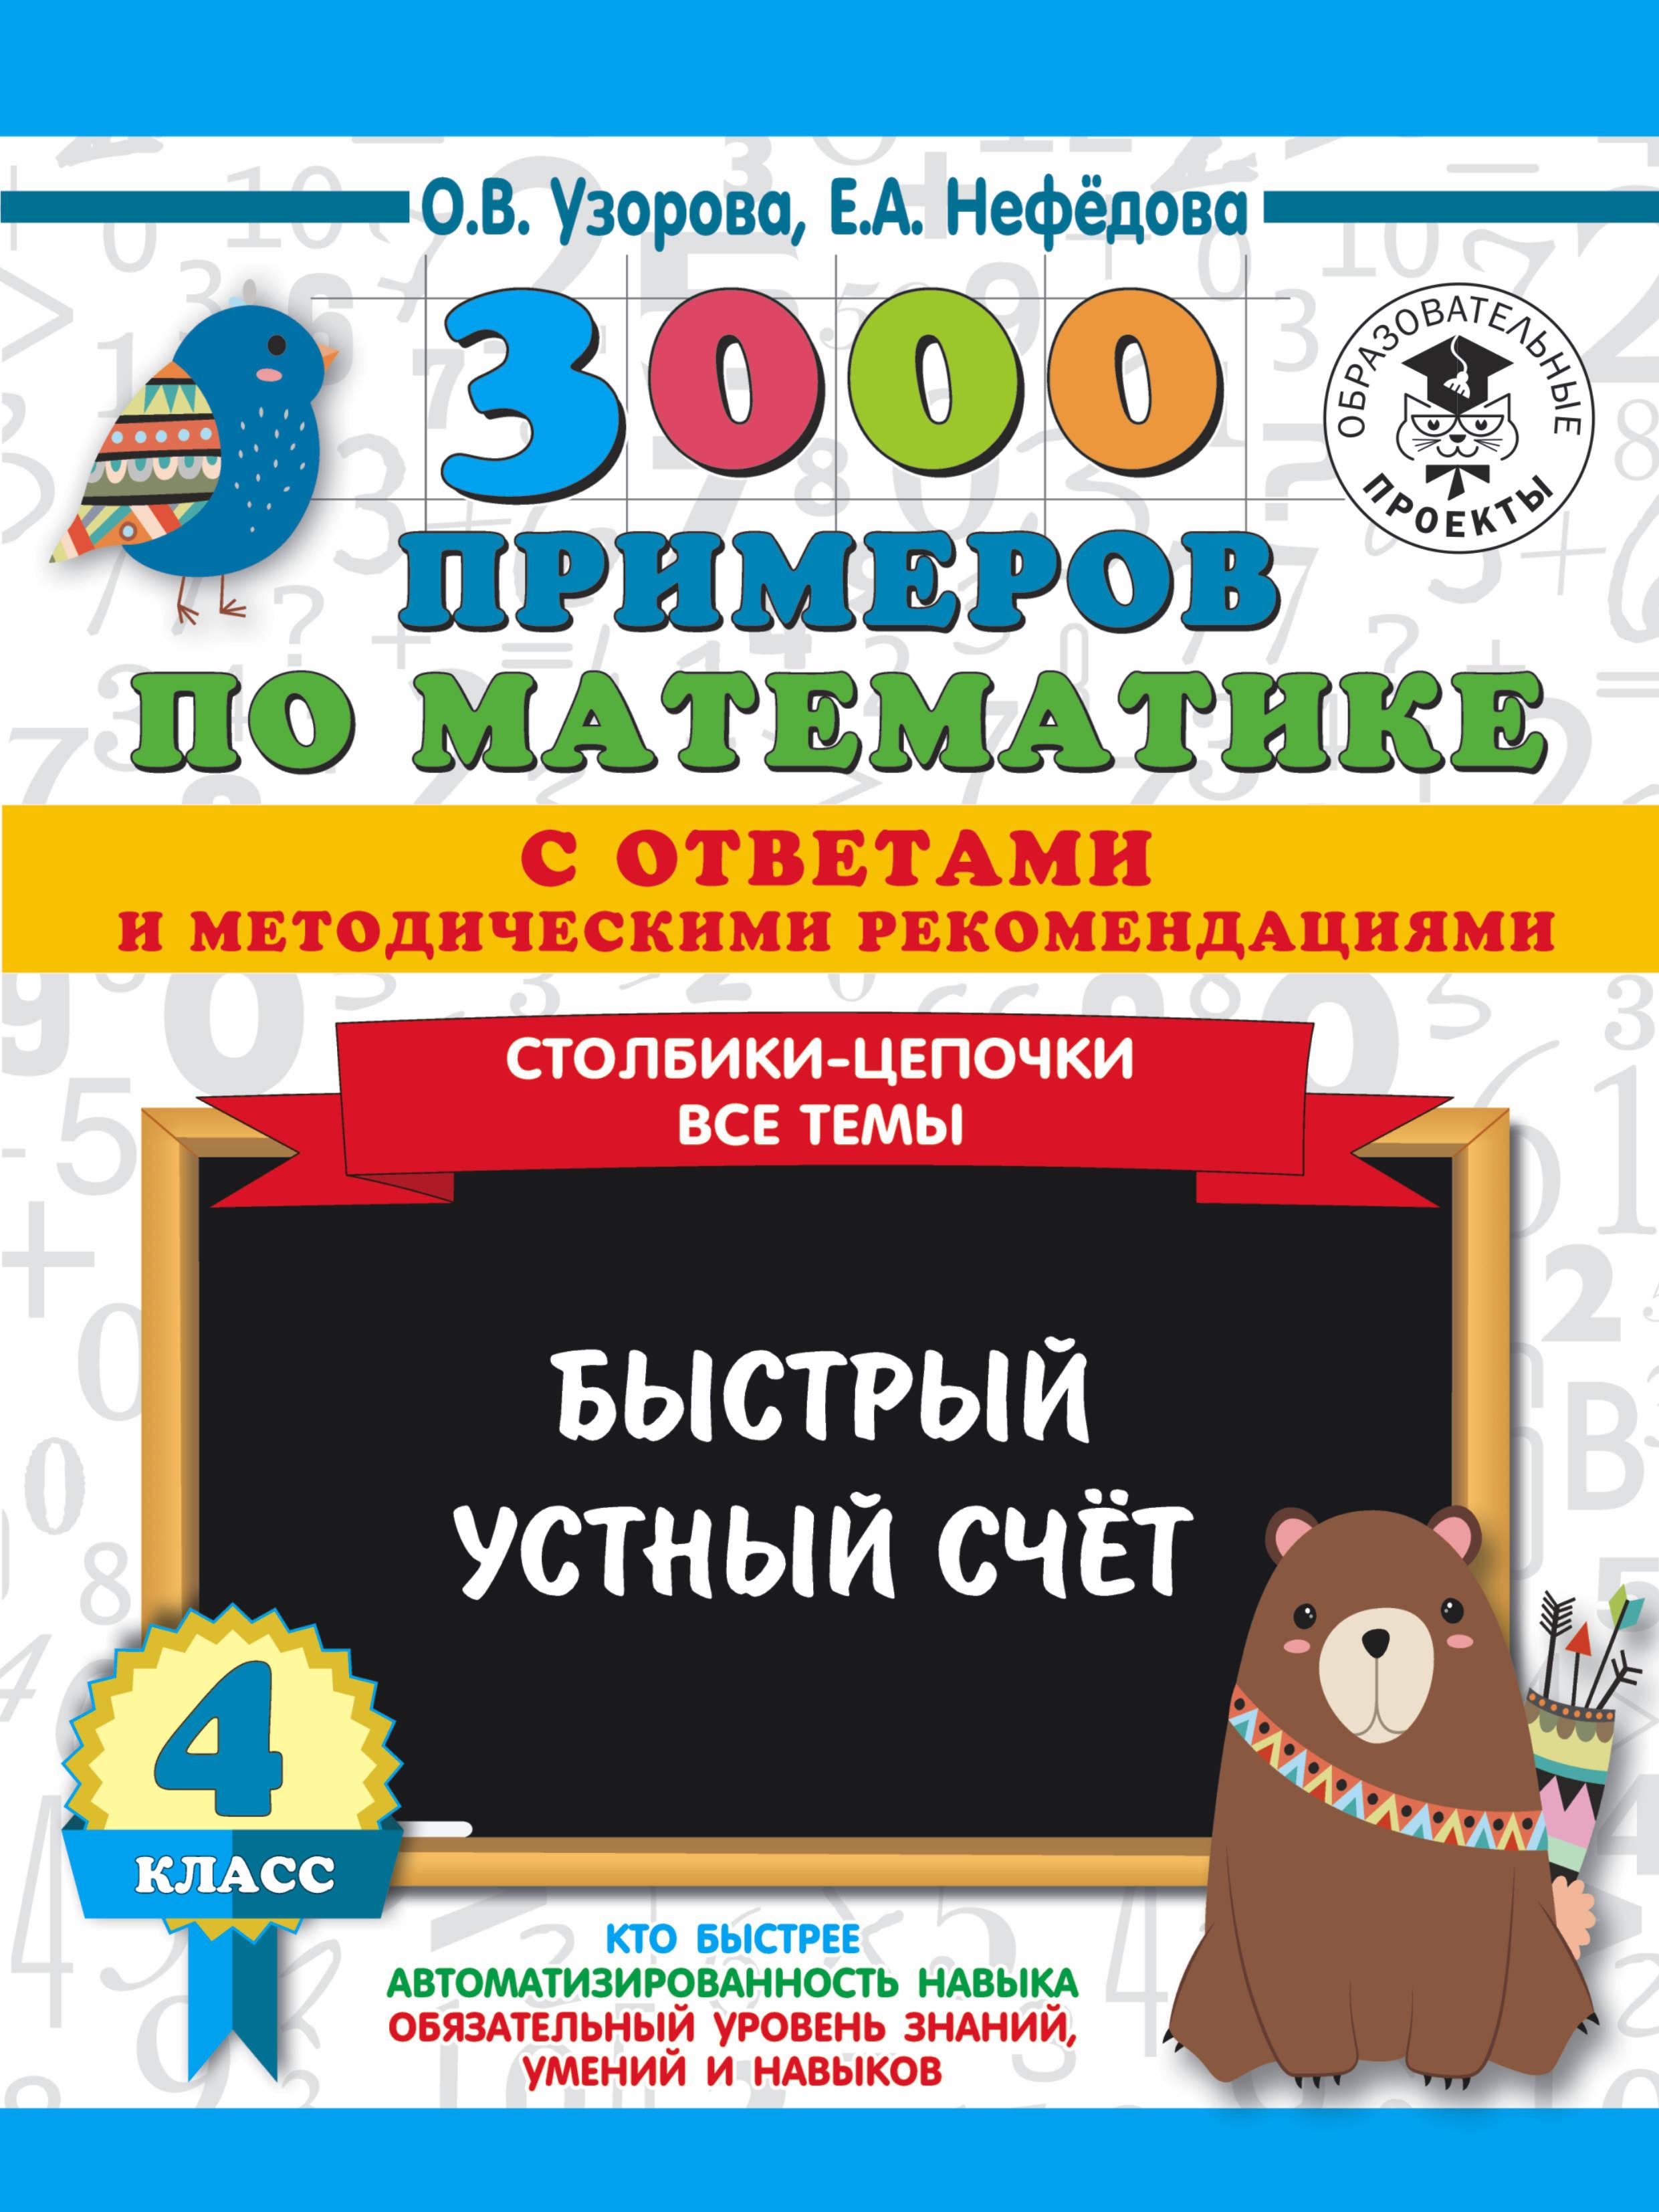 3000 primerov po matematike s otvetami i metodicheskimi rekomendatsijami. Stolbiki-tsepochki. Vse temy. Bystryj ustnyj schjot. 4 klass